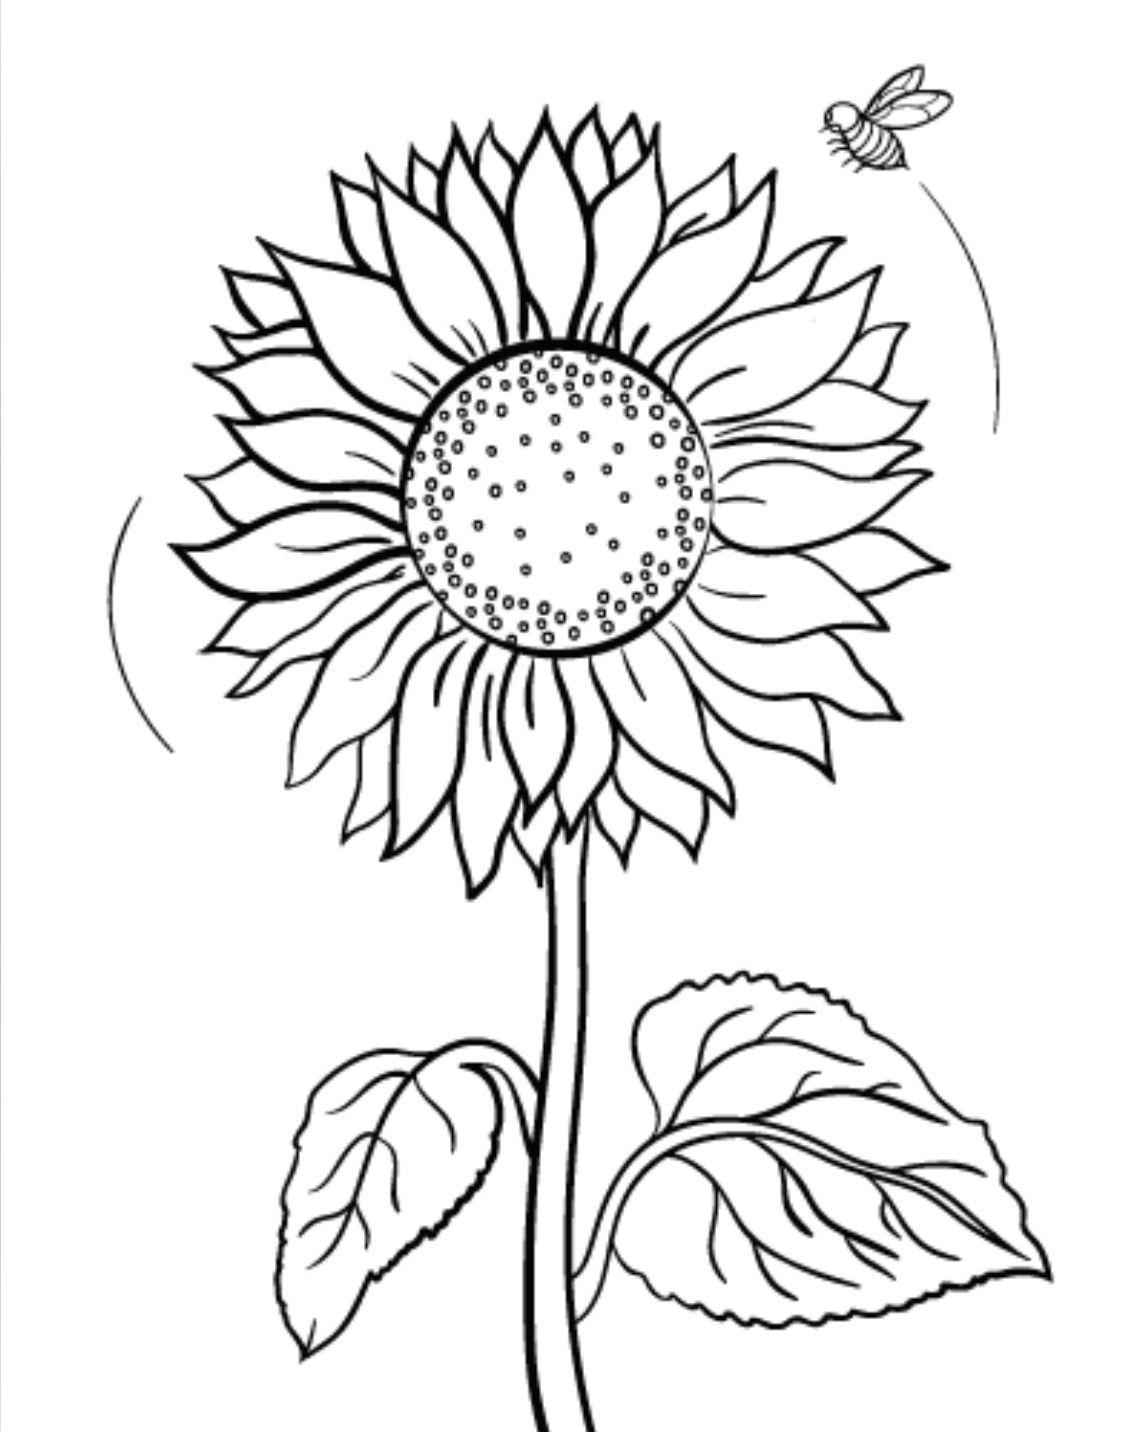 Tranh vẽ tô màu hoa hướng dương đẹp cho bé